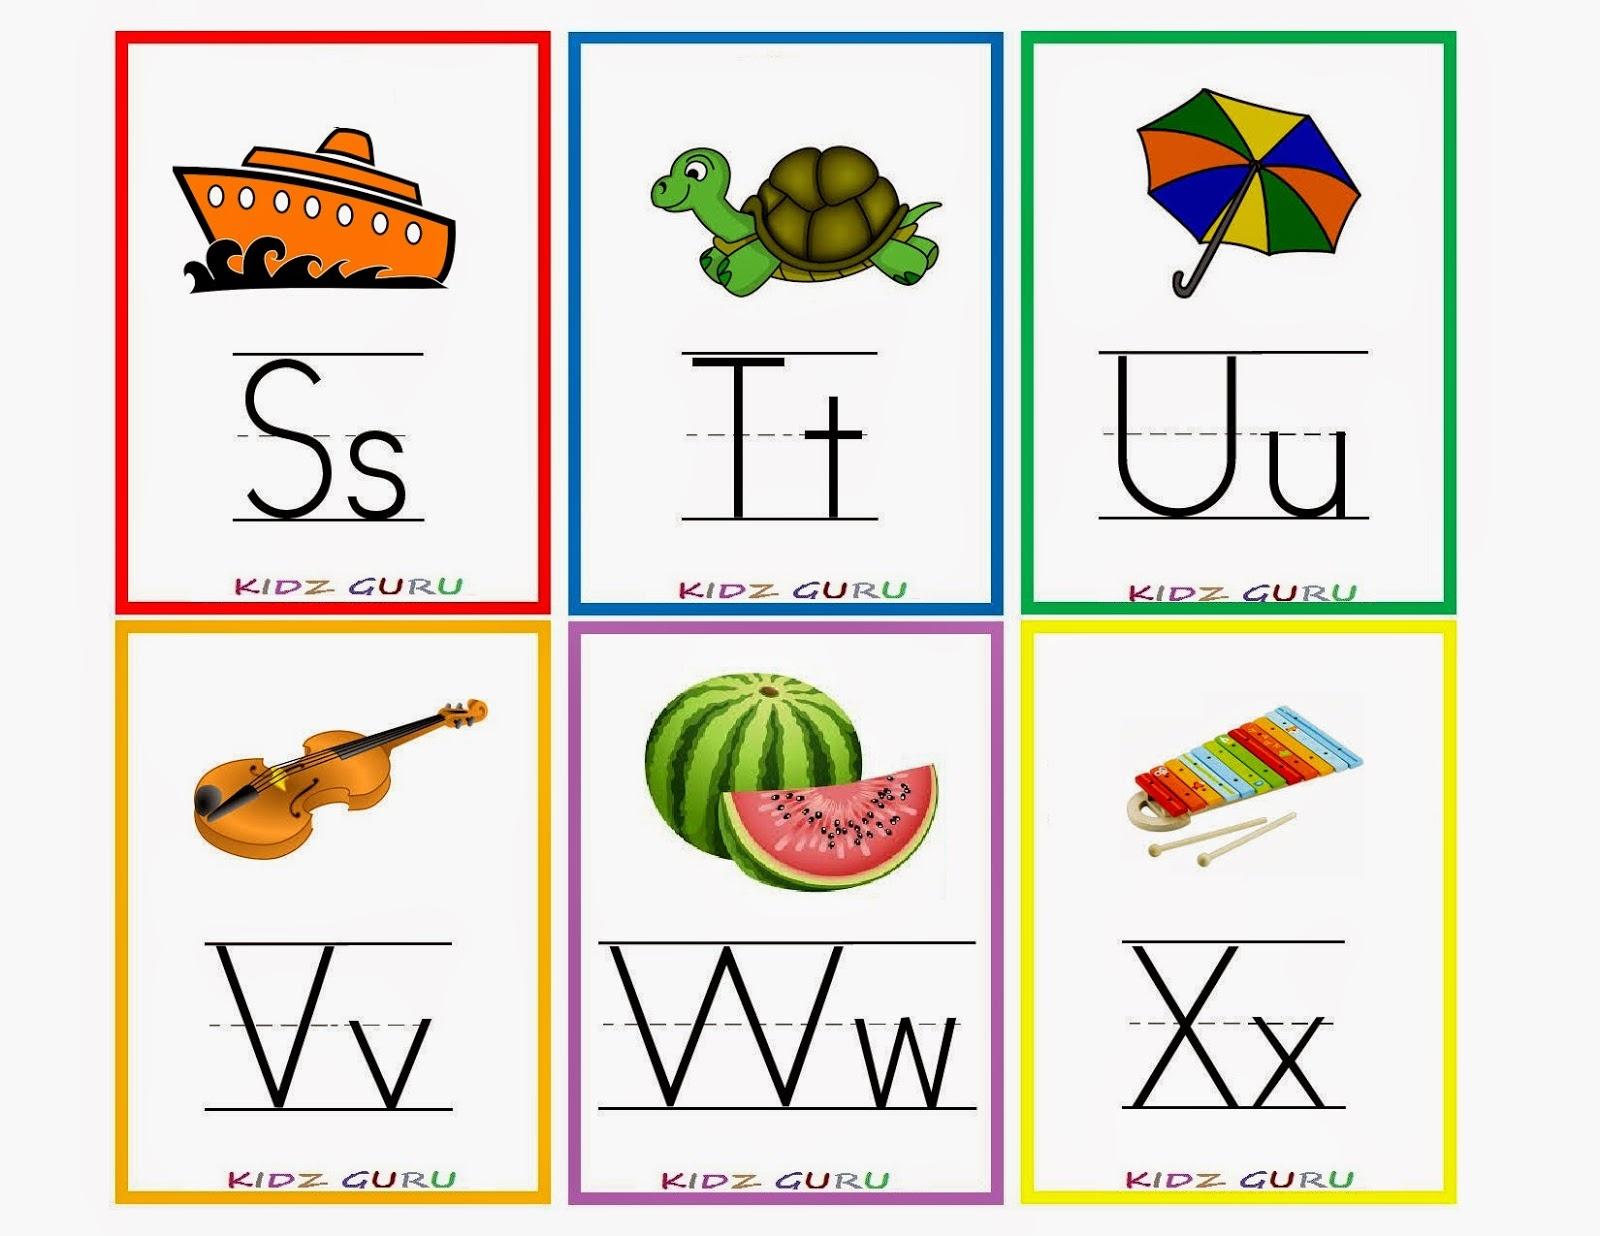 Kindergarten Worksheets: Printable Worksheets - Alphabet Flash Cards 4 - Free Printable Alphabet Flash Cards